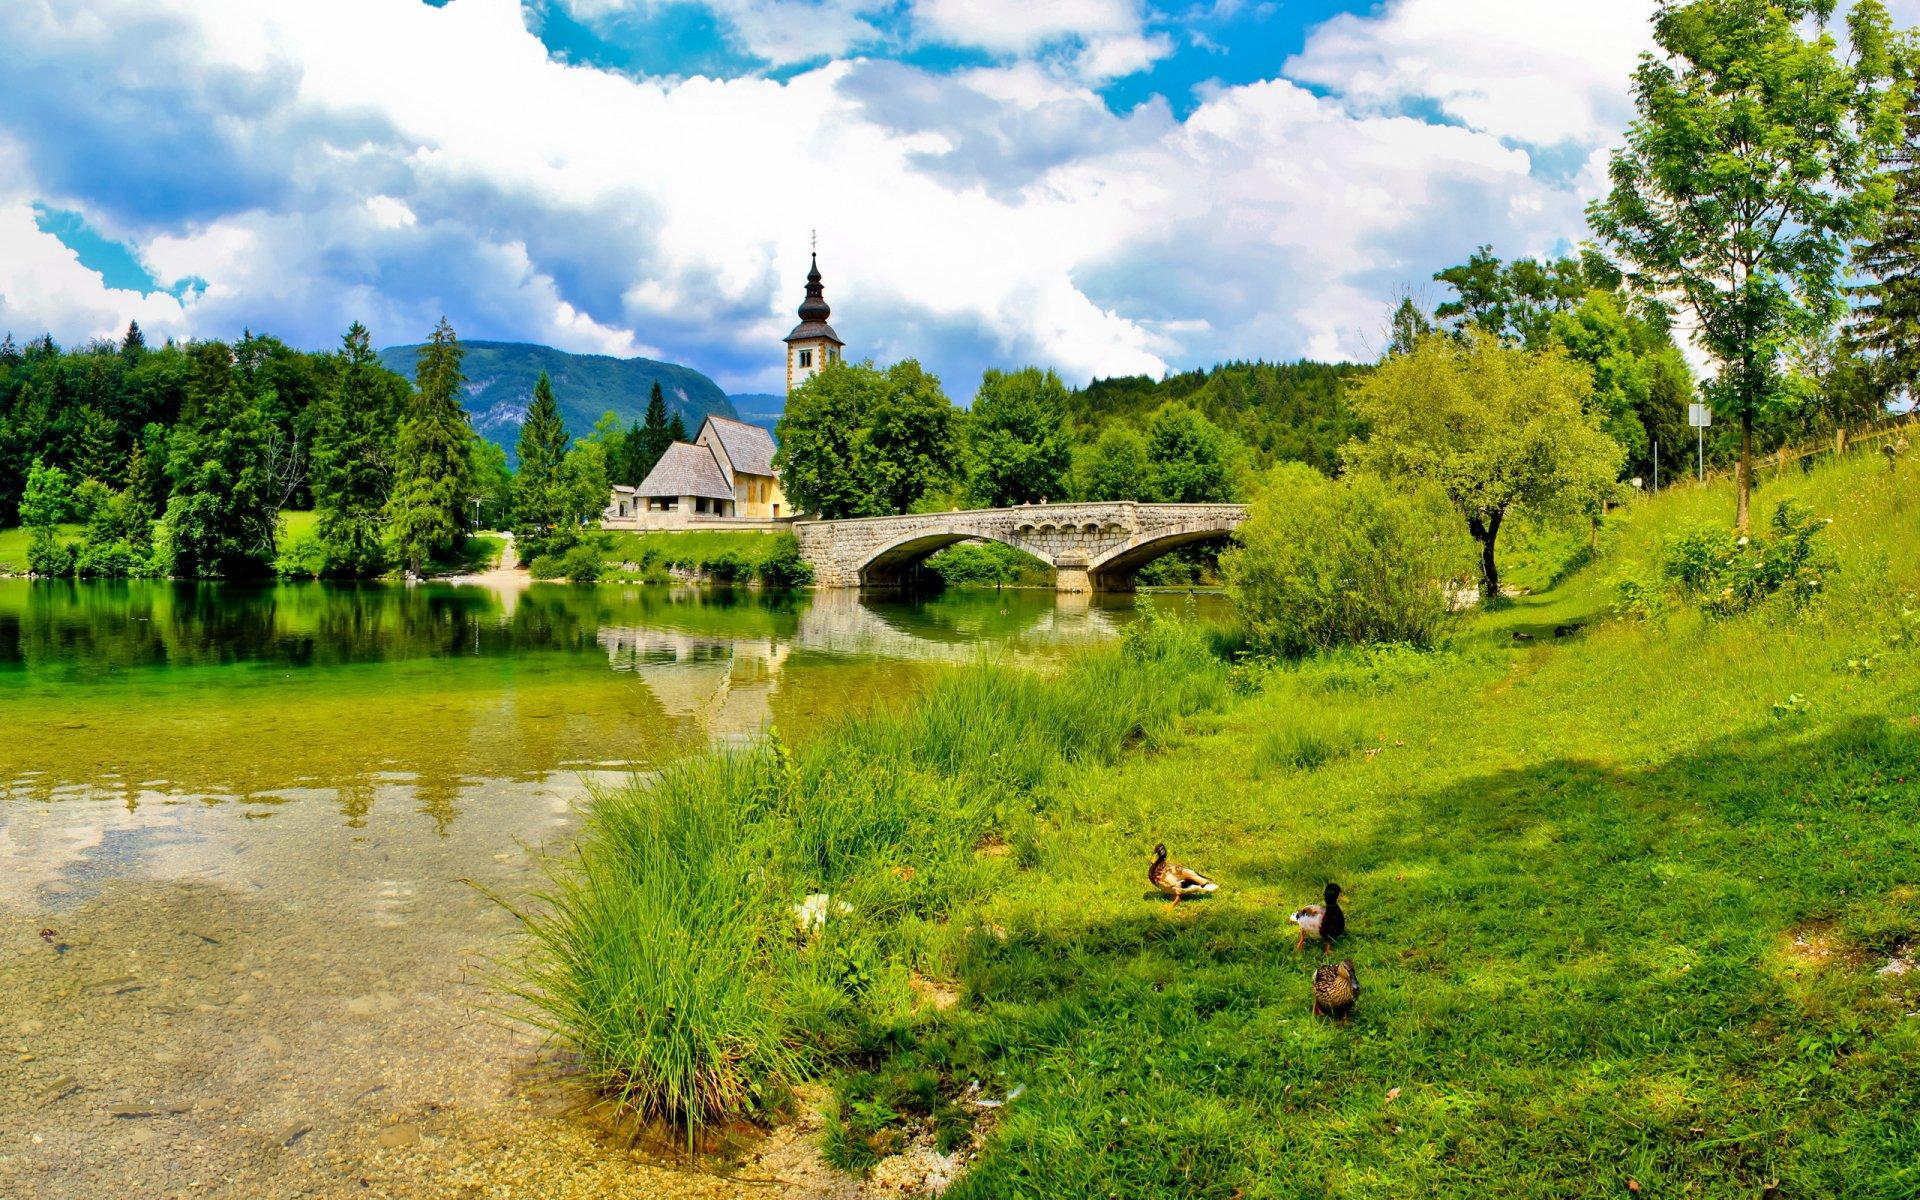 Religious - Architecture  Church Cathedral Landscape Scenic Bridge River Duck Wallpaper